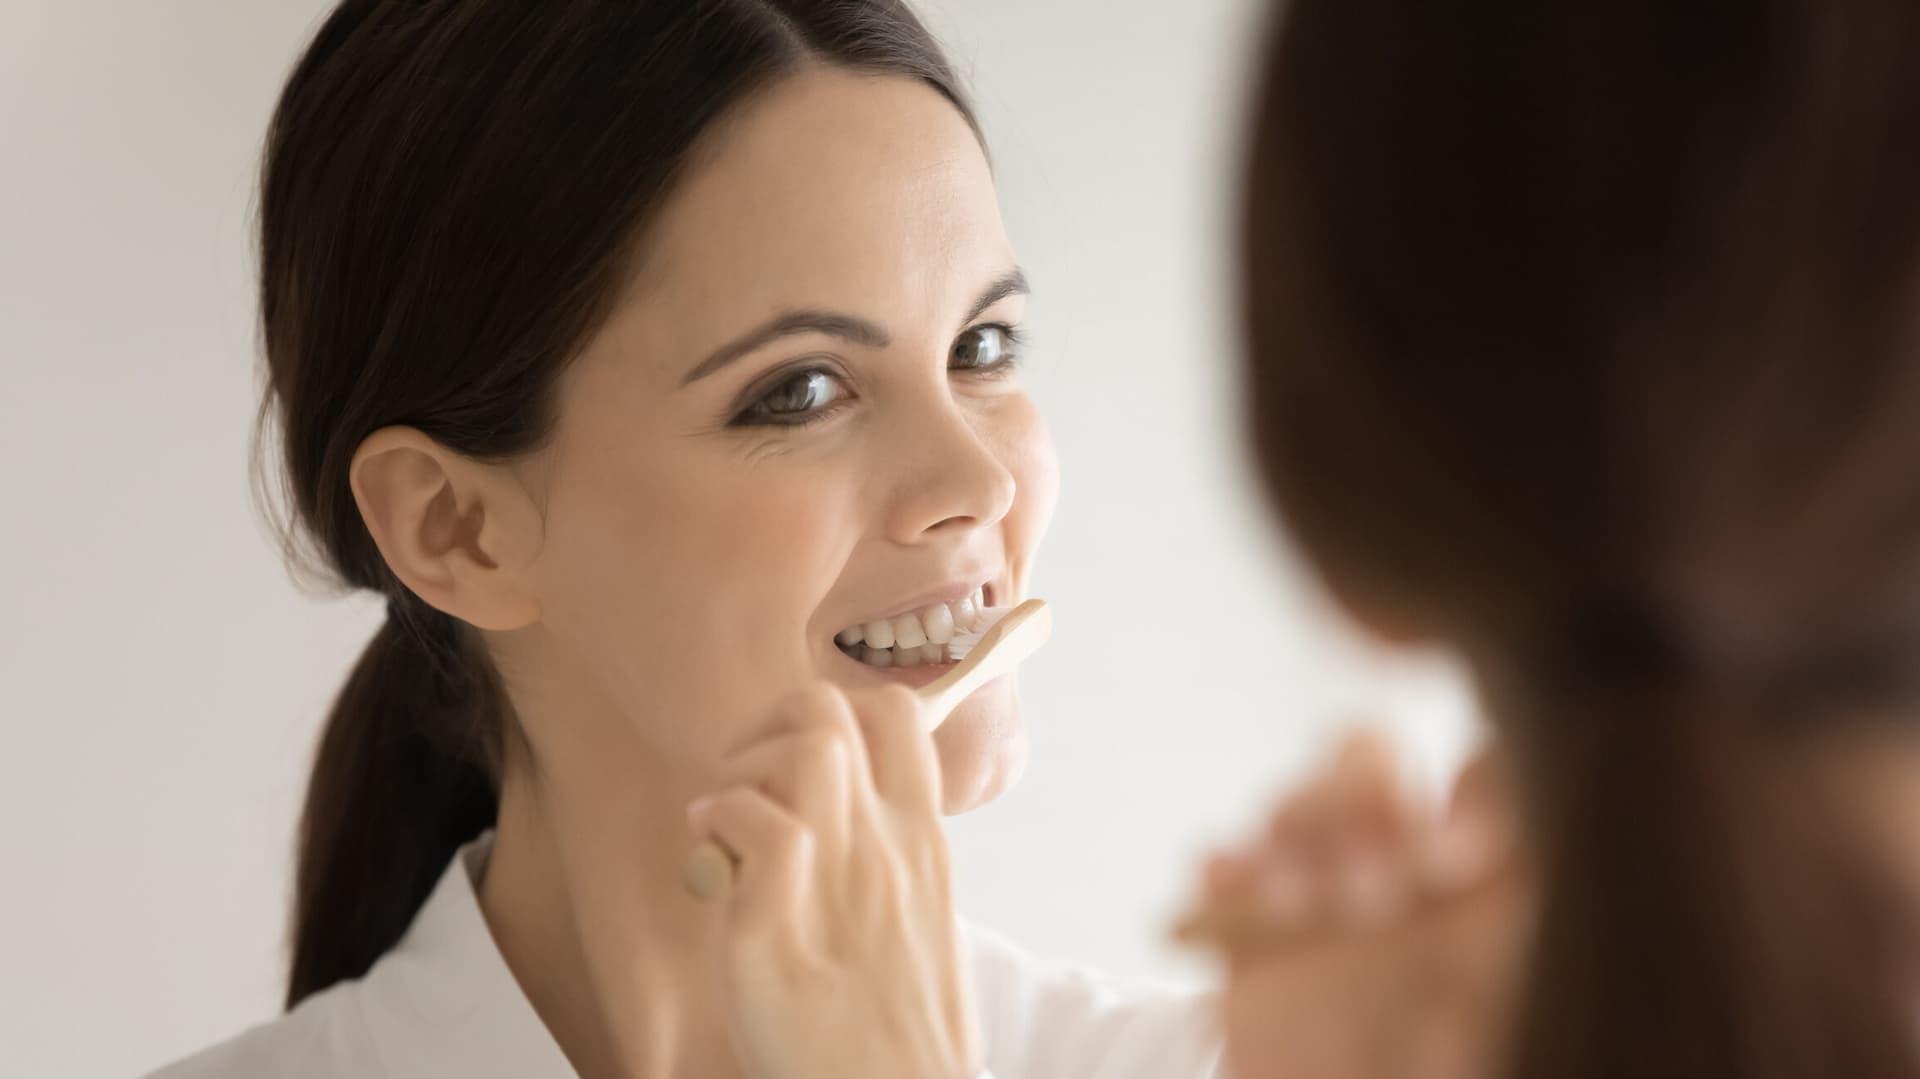 Eine Frau putzt sich die Zähne und schaut dabei in den Spiegel.